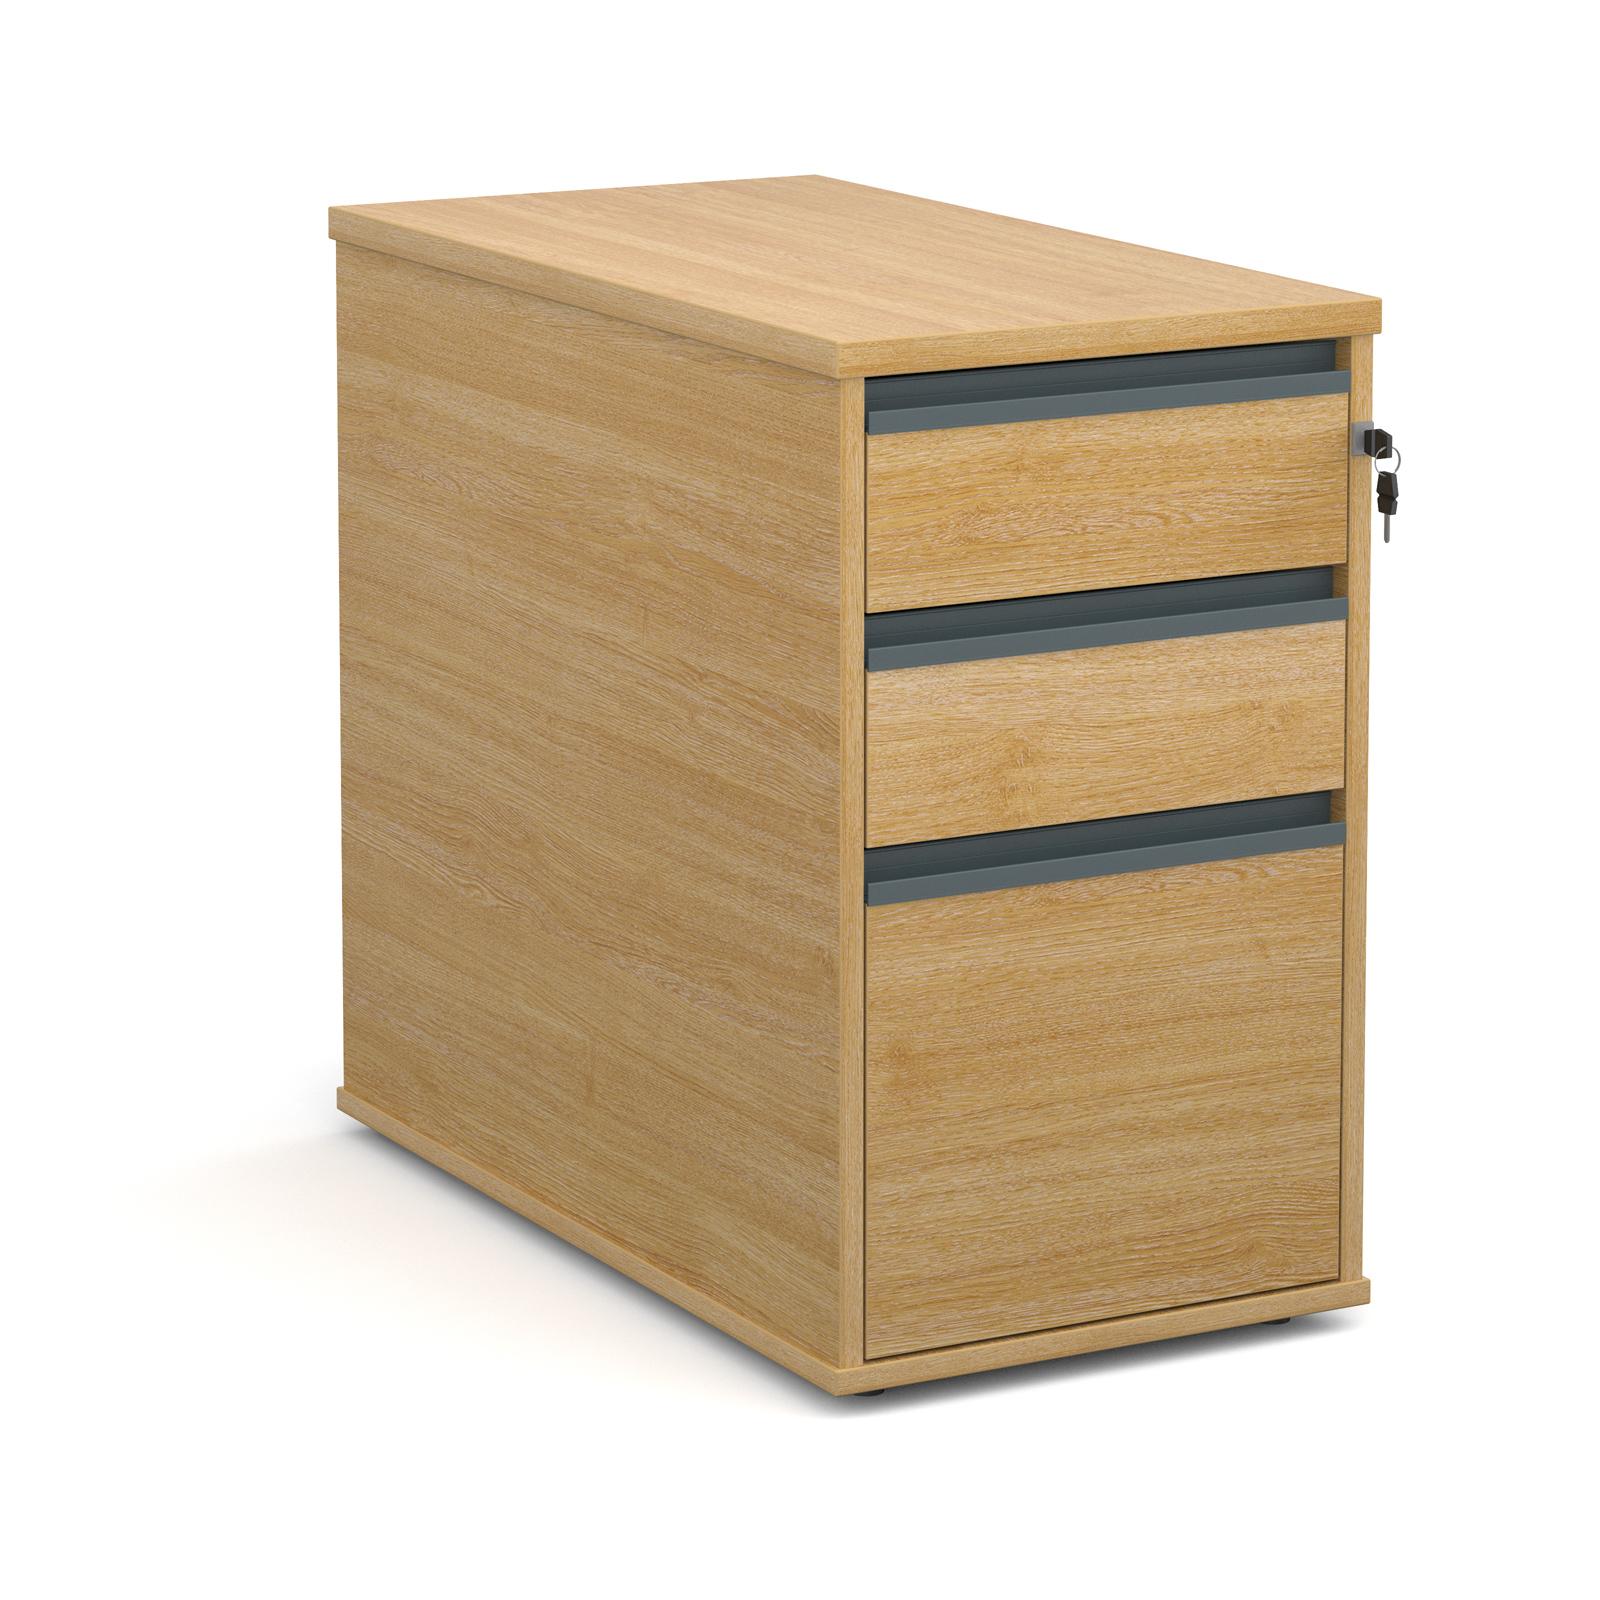 Desk high 3 drawer pedestal with graphite finger pull handles 800mm deep - oak